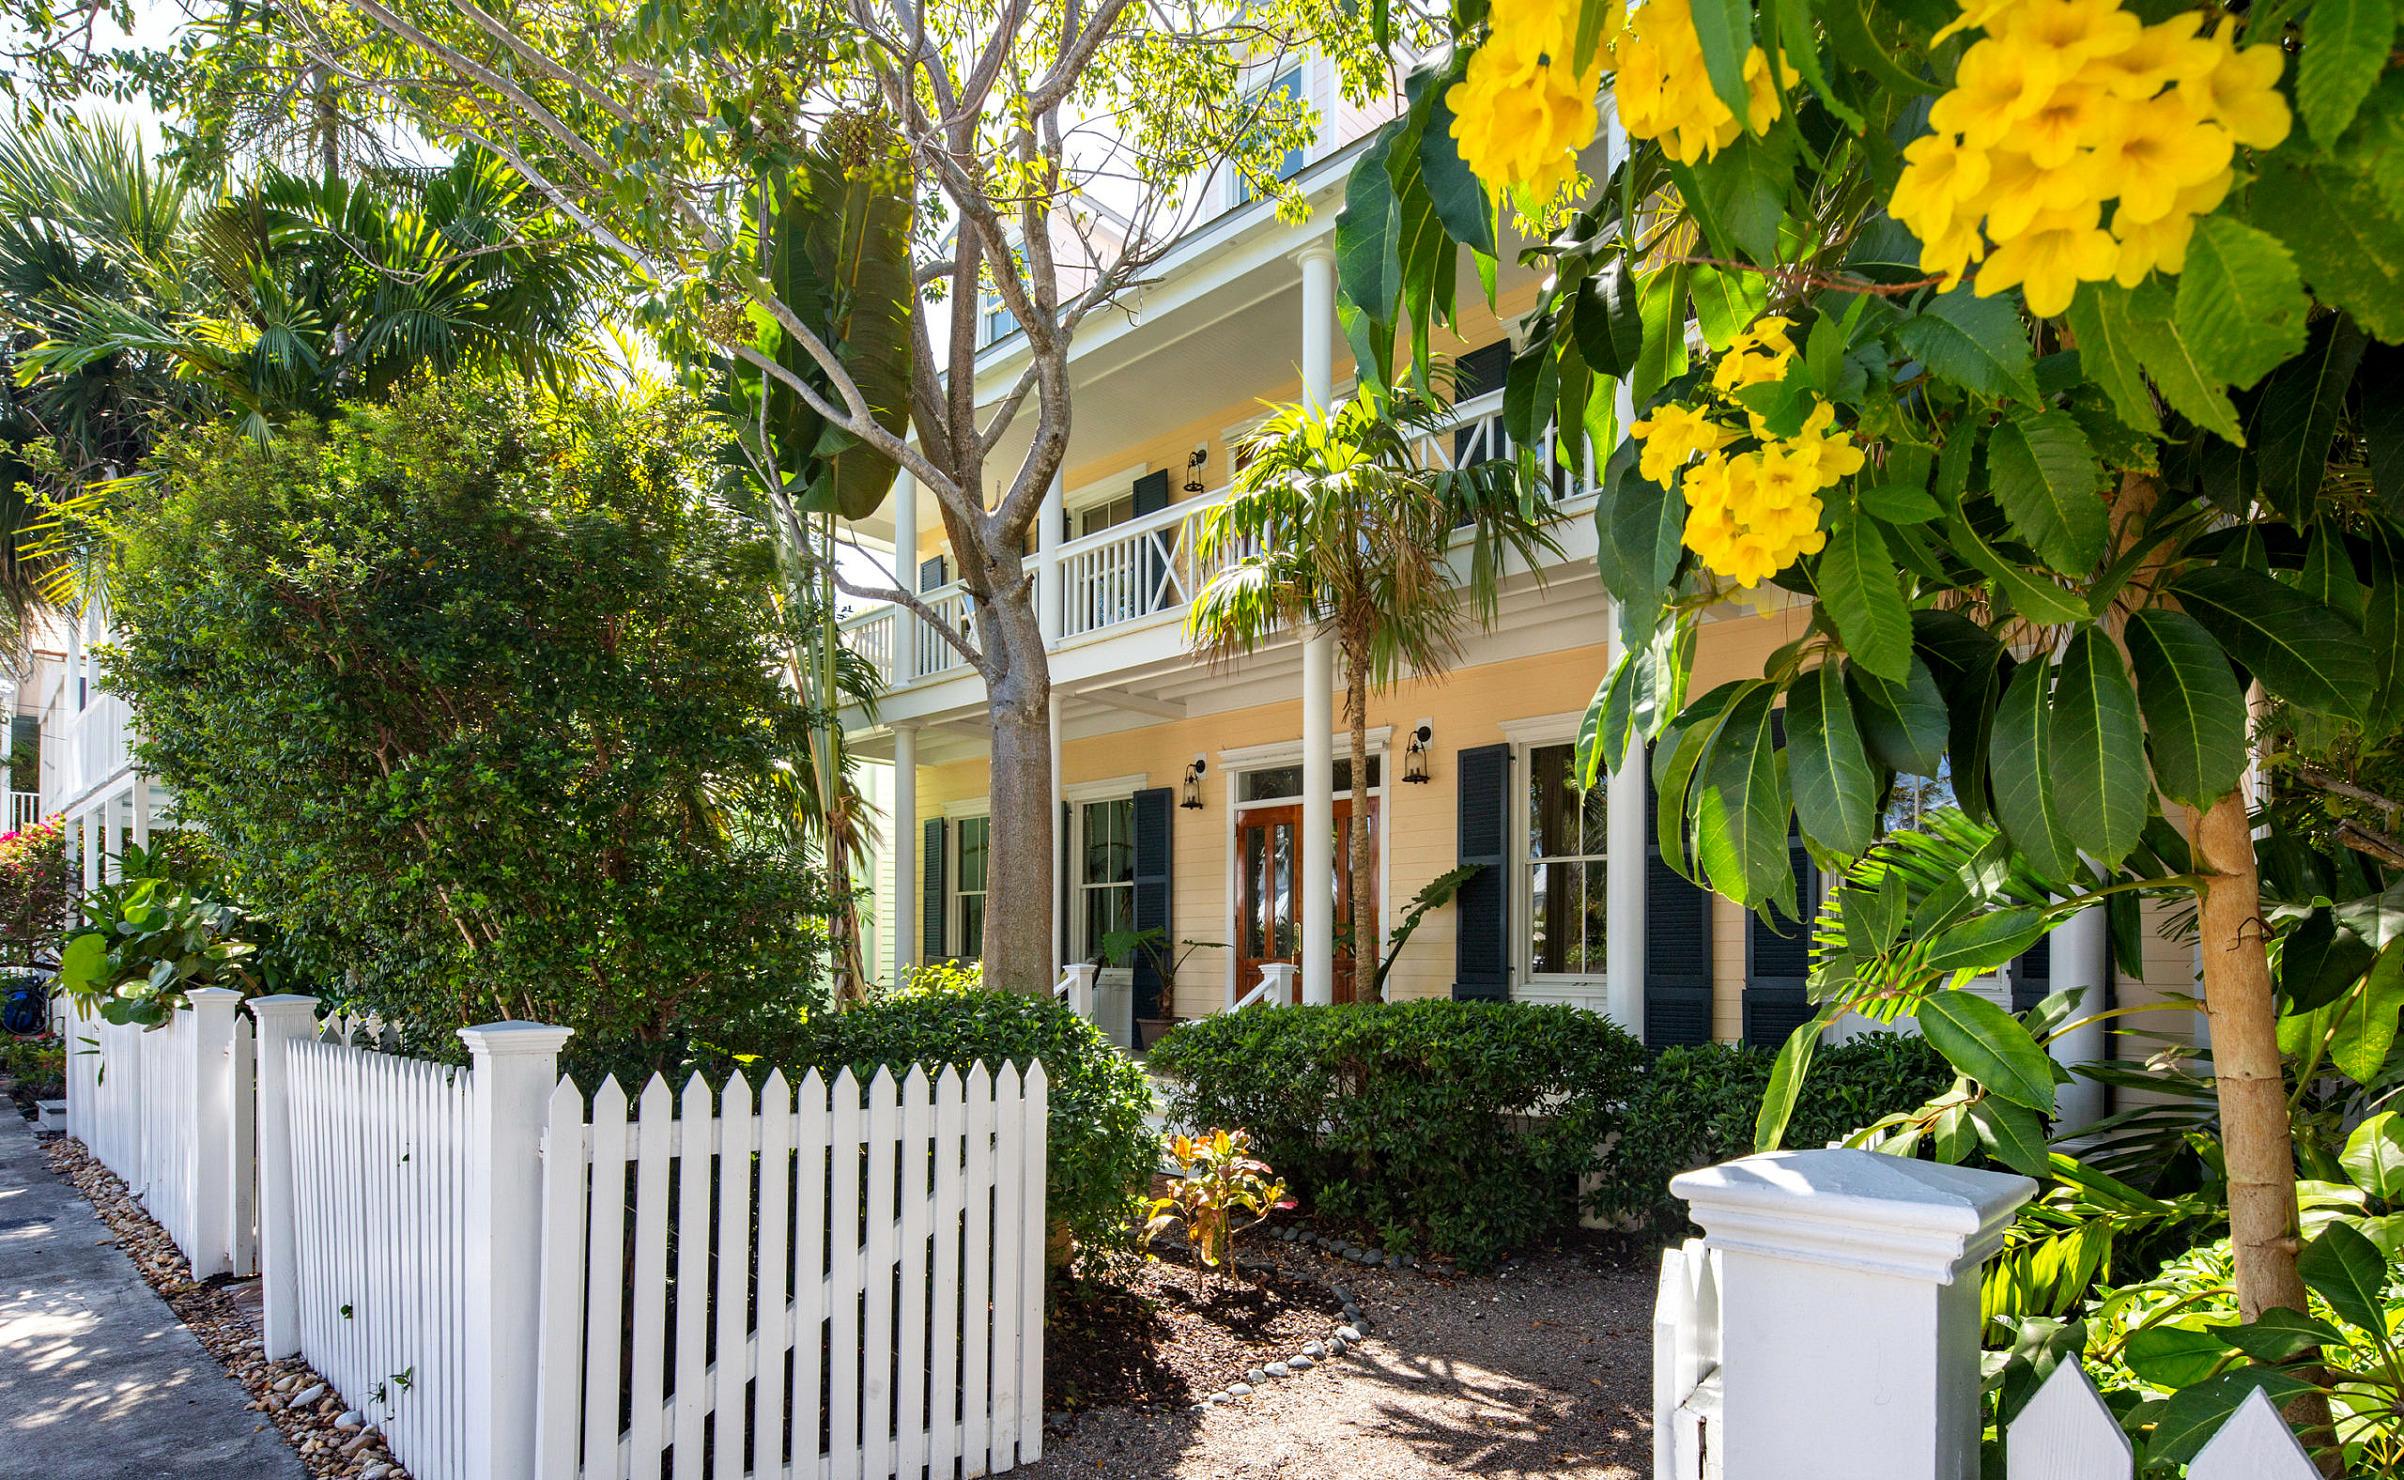 722 Ashe St, Key West